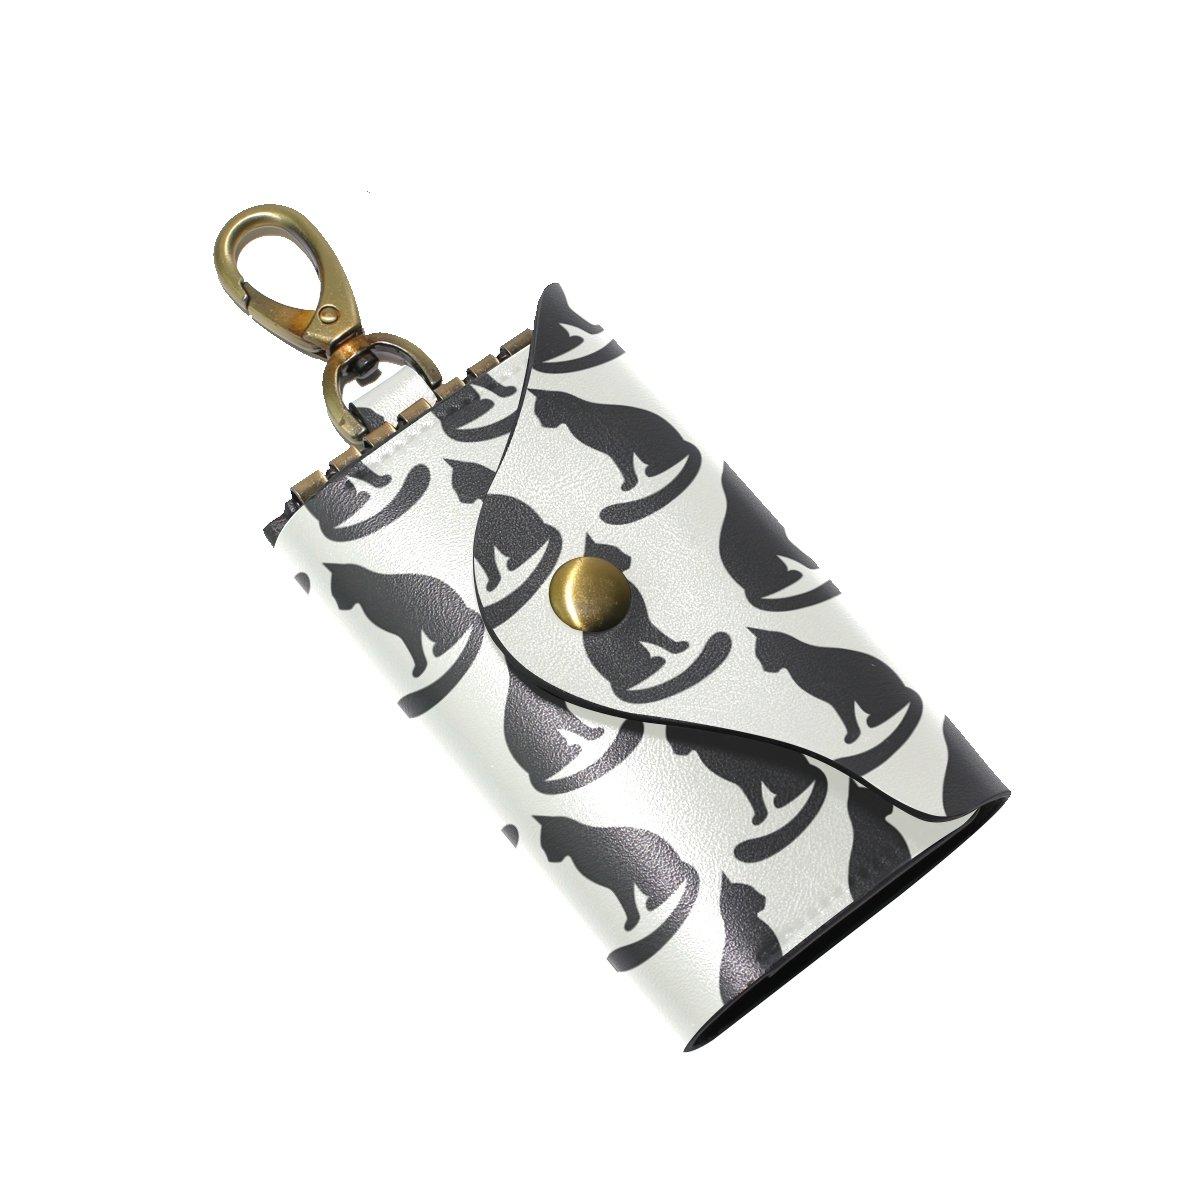 DEYYA Animal Cat Leather Key Case Wallets Unisex Keychain Key Holder with 6 Hooks Snap Closure